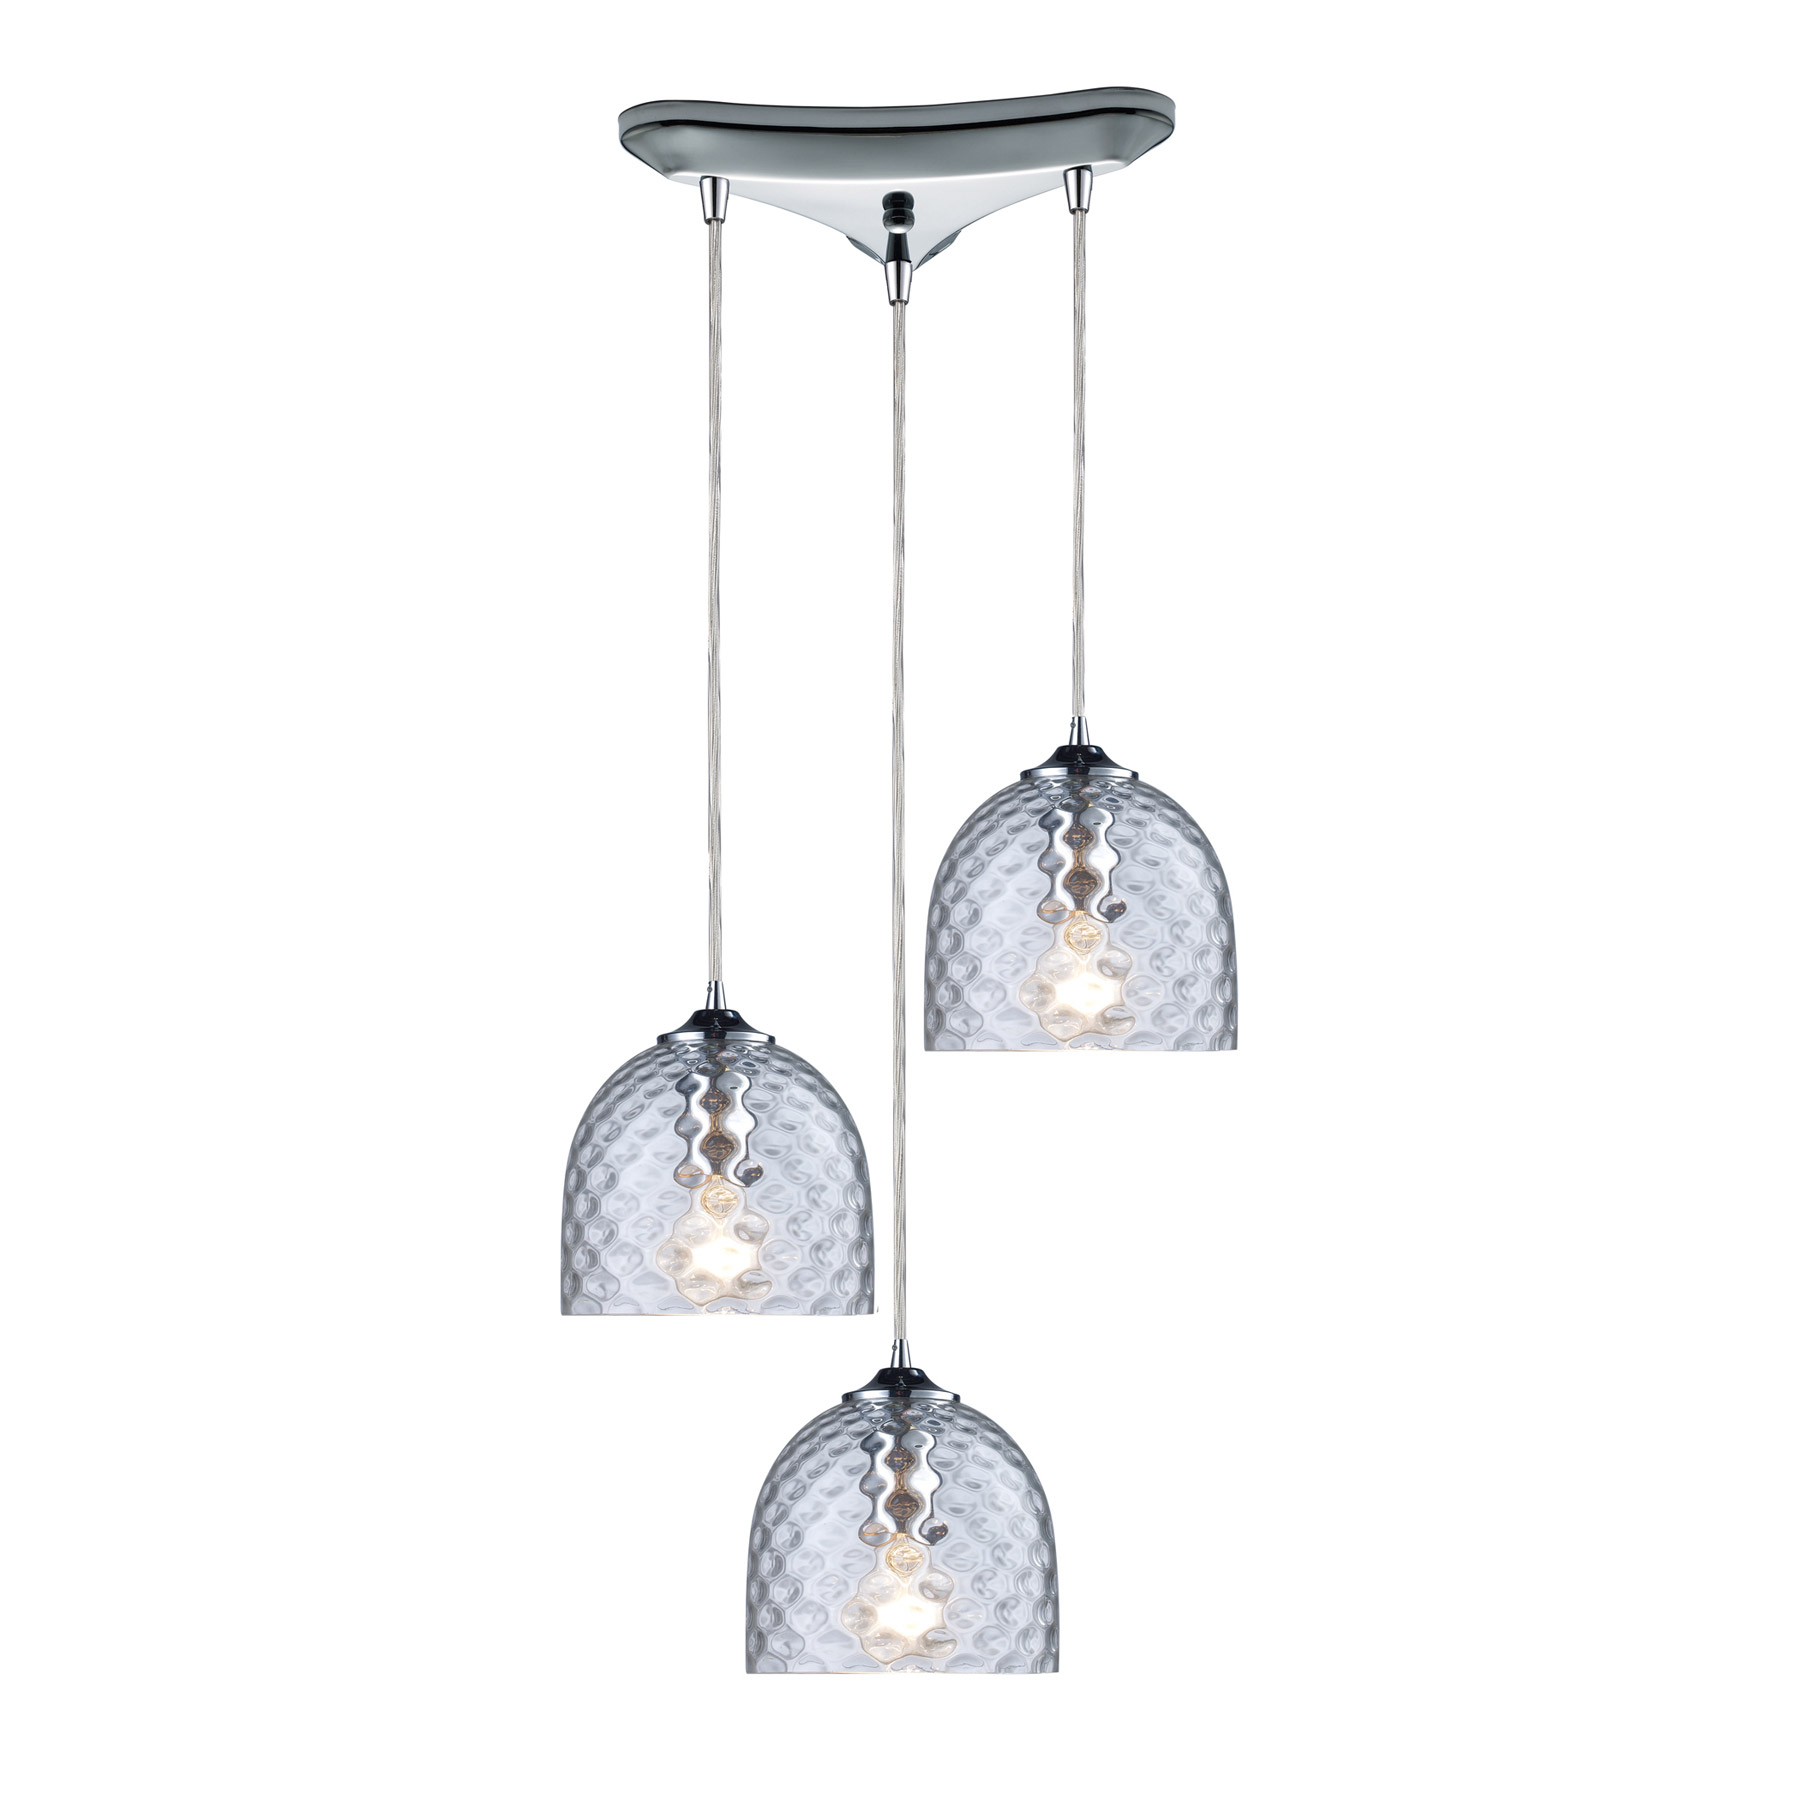 elk lighting 31080 3clr viva 3 light multi pendant ceiling